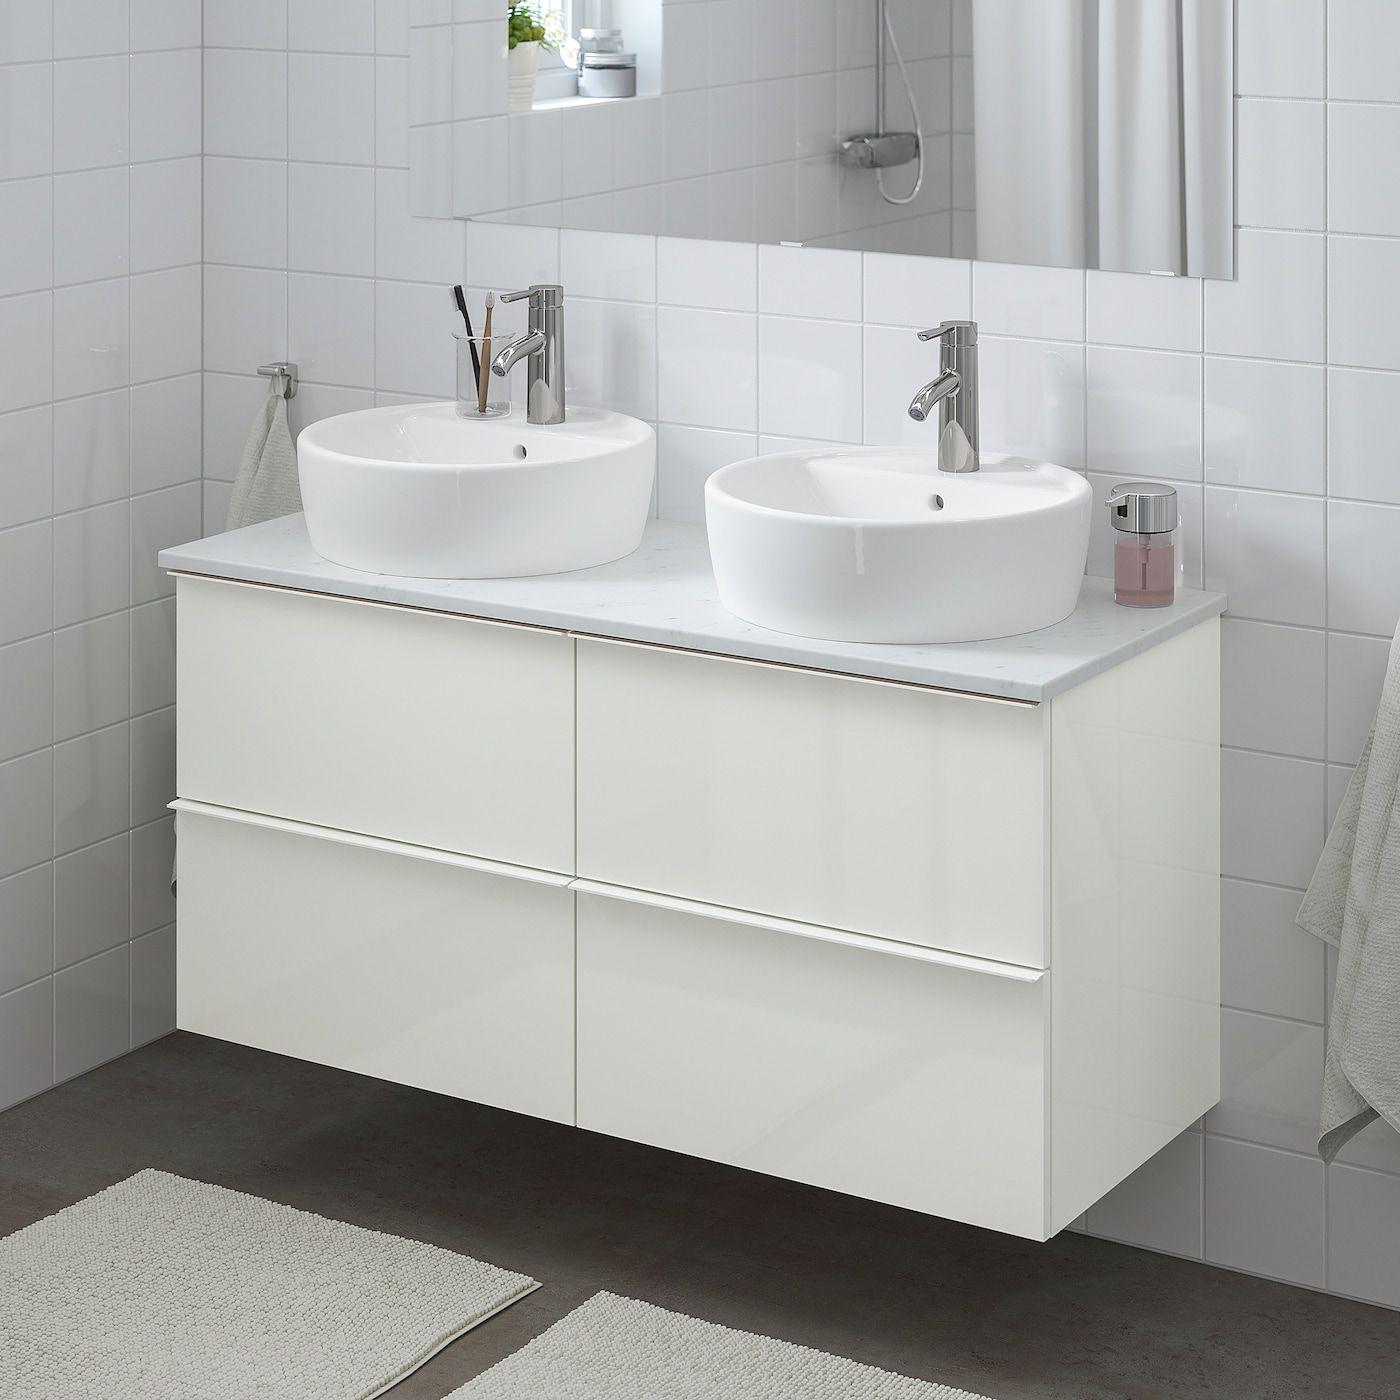 Ikea Godmorgon Tolken Tornviken High Gloss White Marble Effect